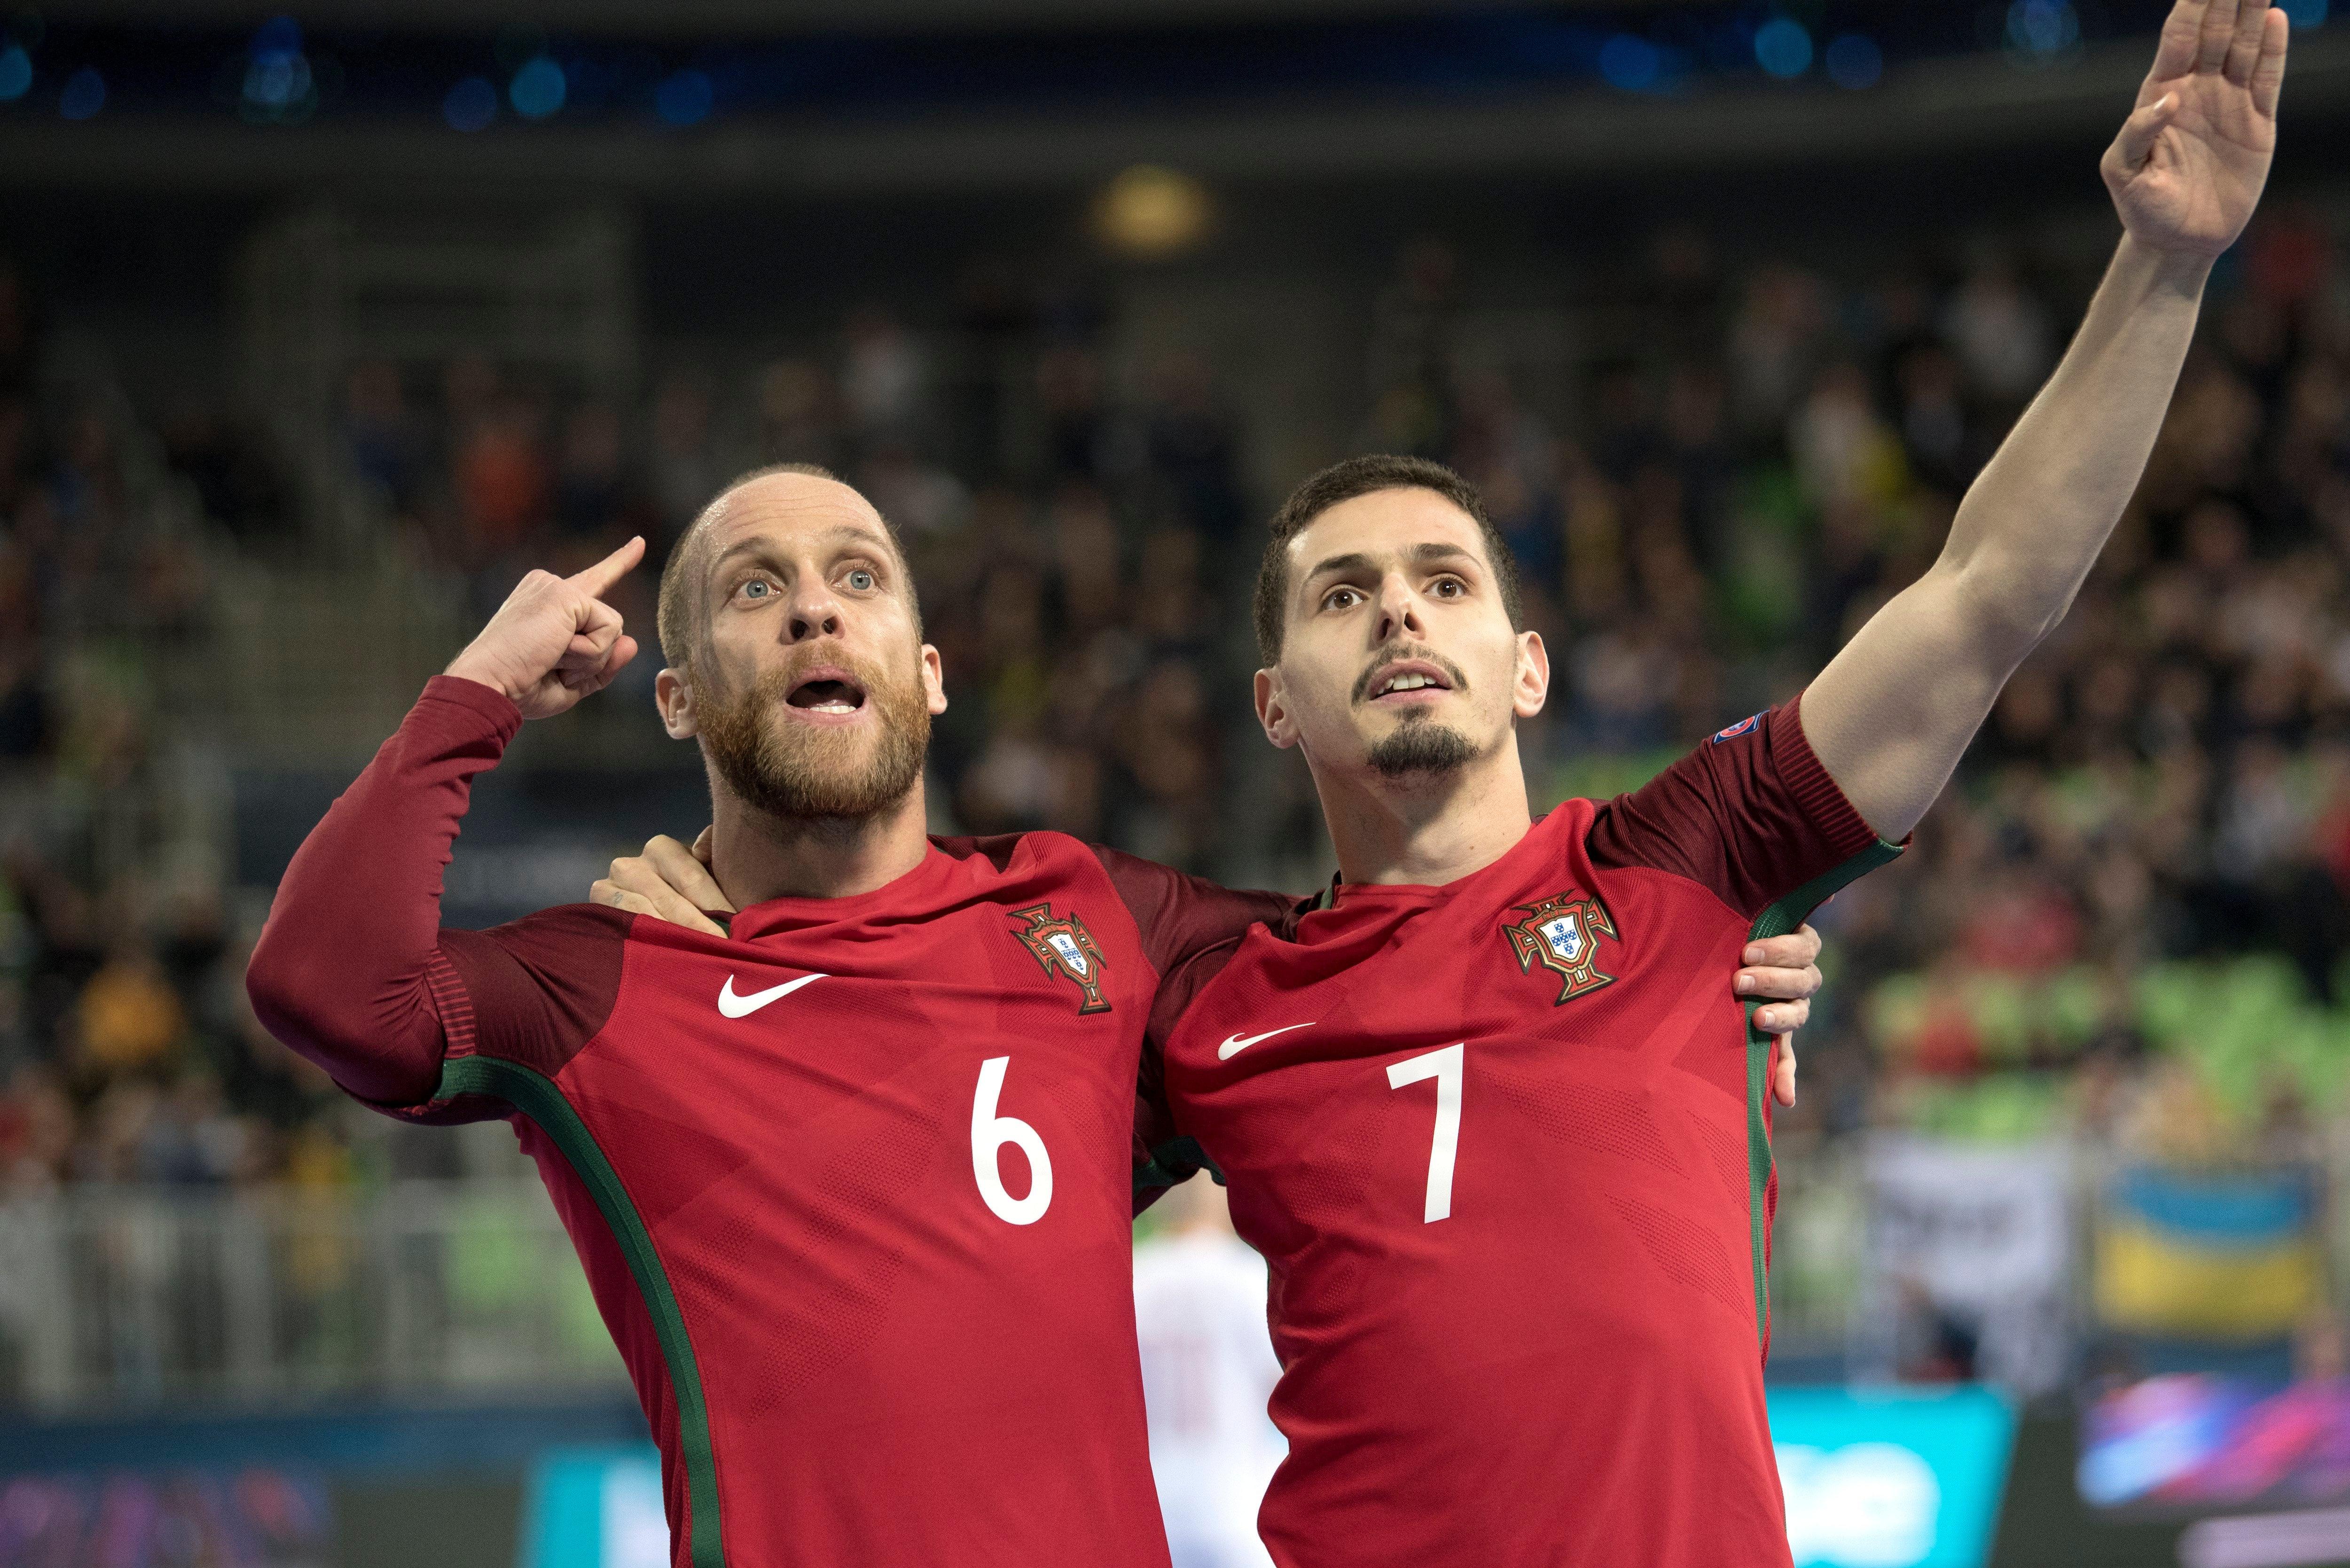 Campeões europeus de futsal já festejam em Lisboa